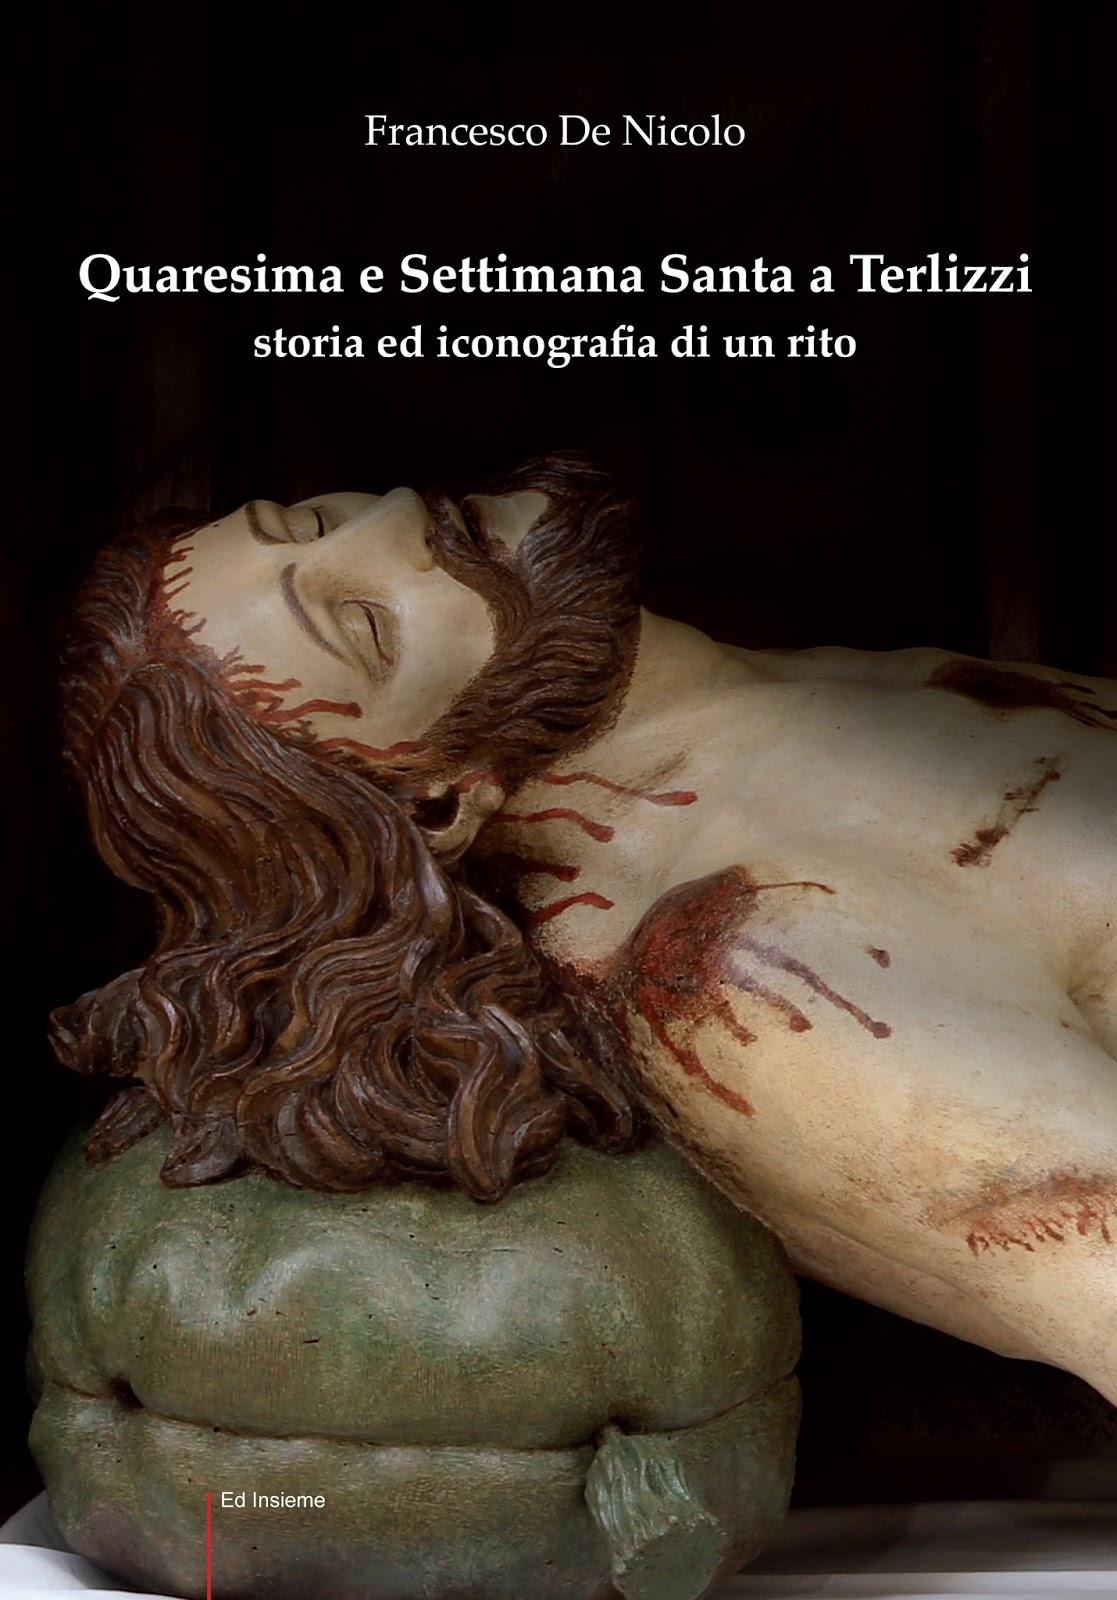 Quaresima e Settimana Santa a Terlizzi: storia ed iconografia di un rito